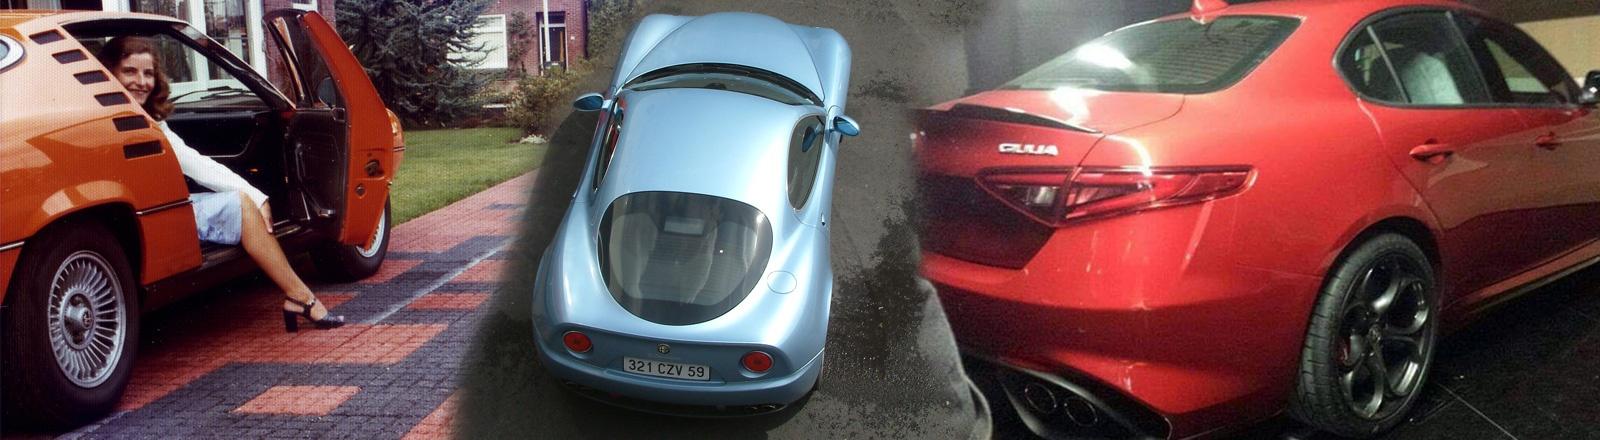 Alfa Romeo. Houden ze ons voor de gek?